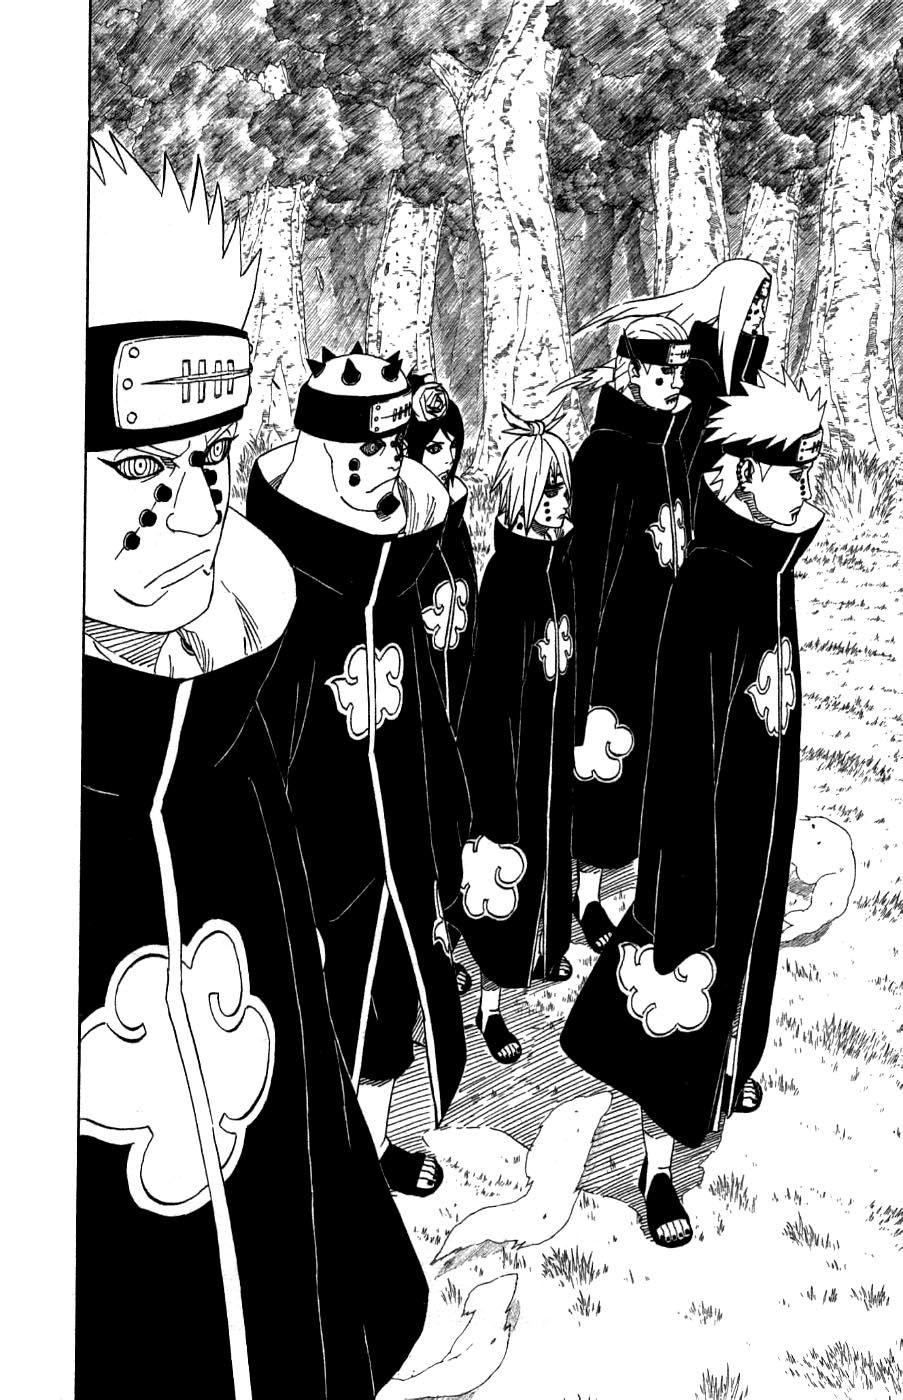 Naruto Manga 418 Espanol Online Hd Descargar Gratis Arte De Naruto Naruto Anime Fondo De Pantalla De Anime